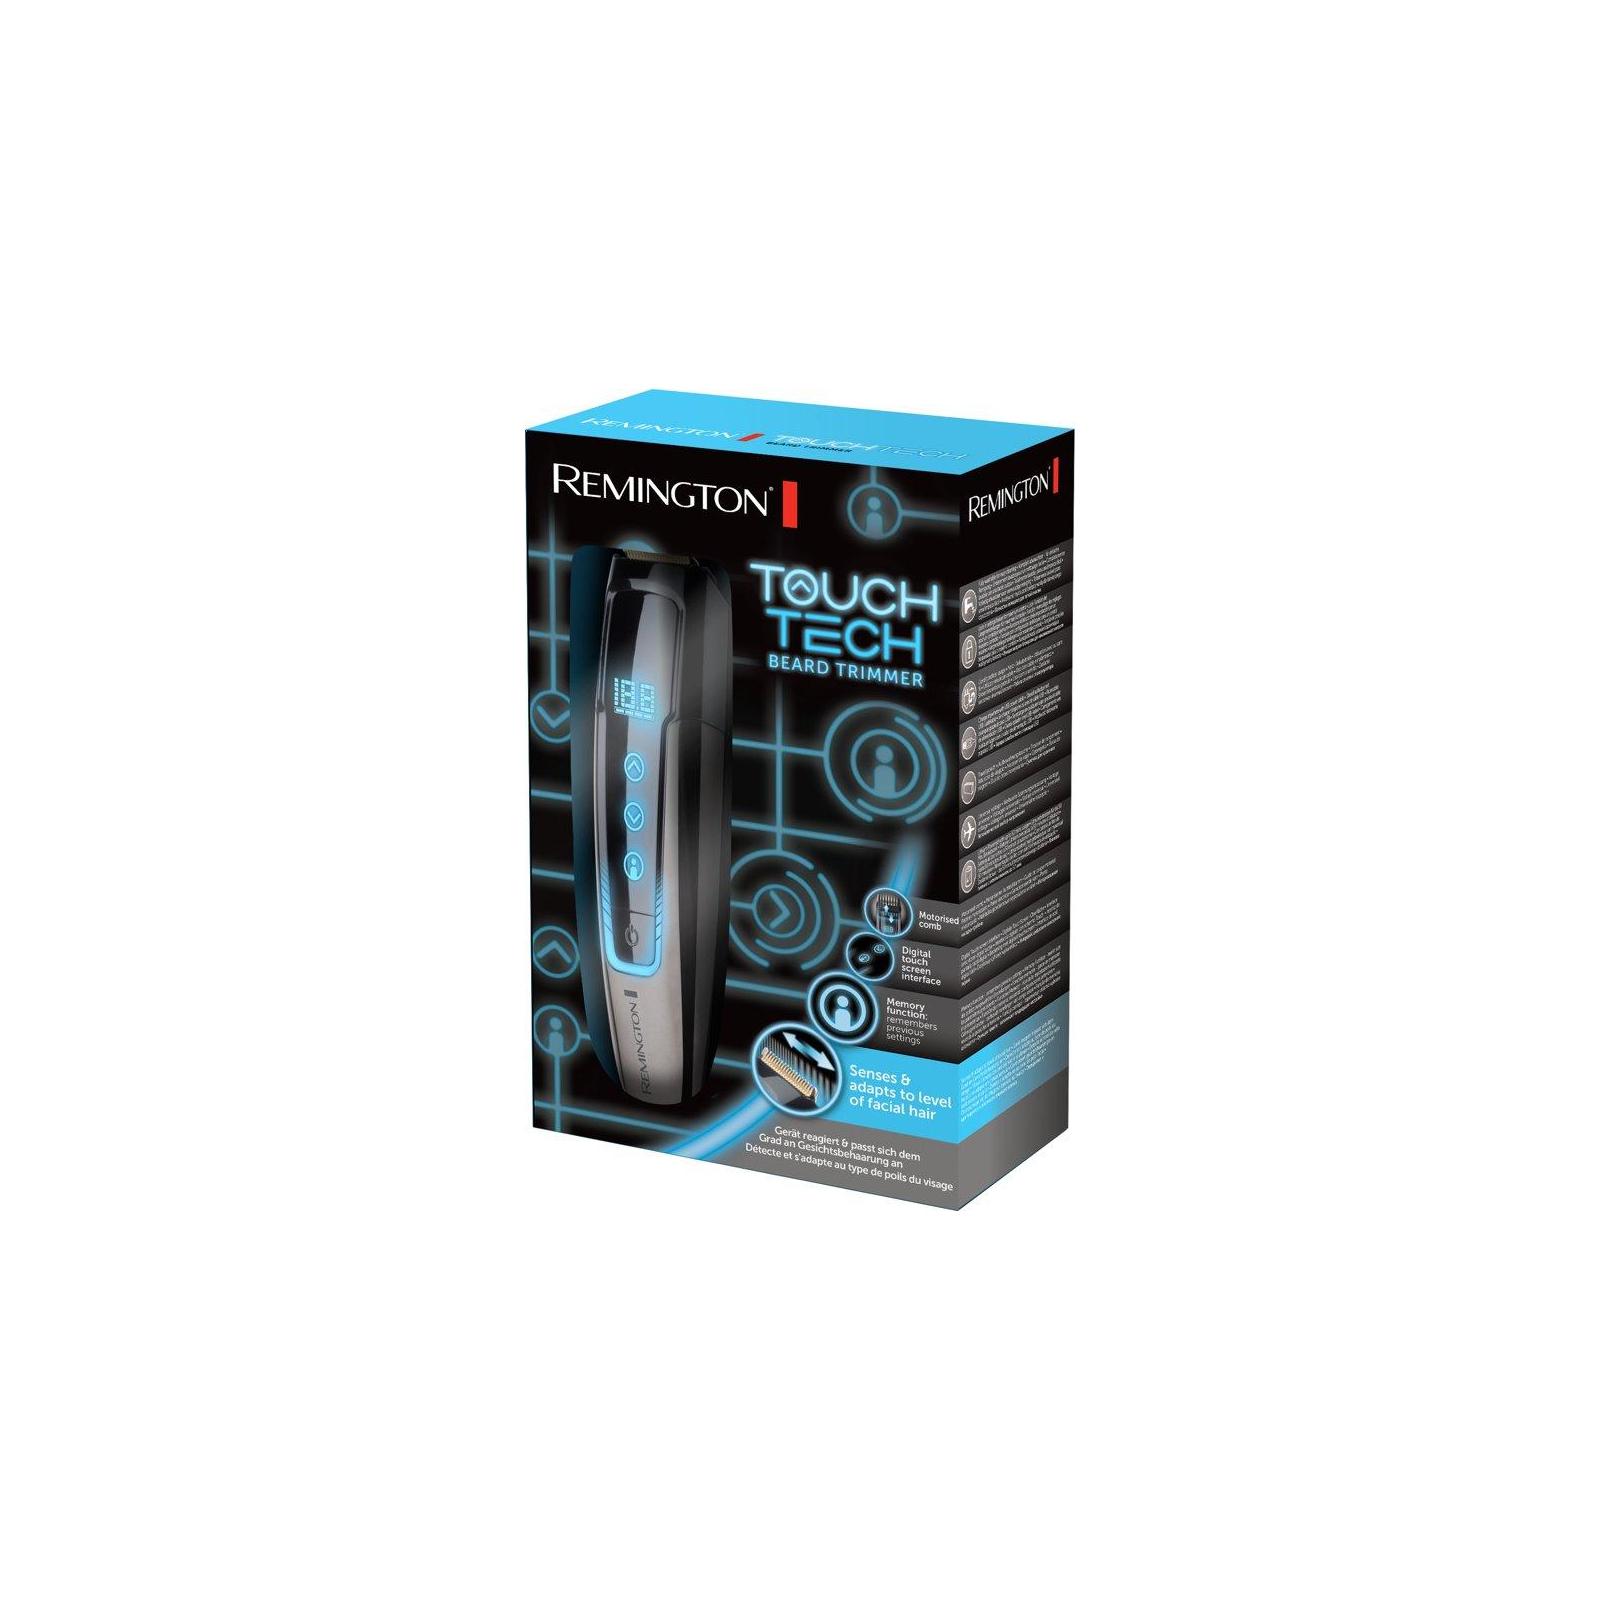 Триммер Remington TouchTech (MB4700) изображение 6